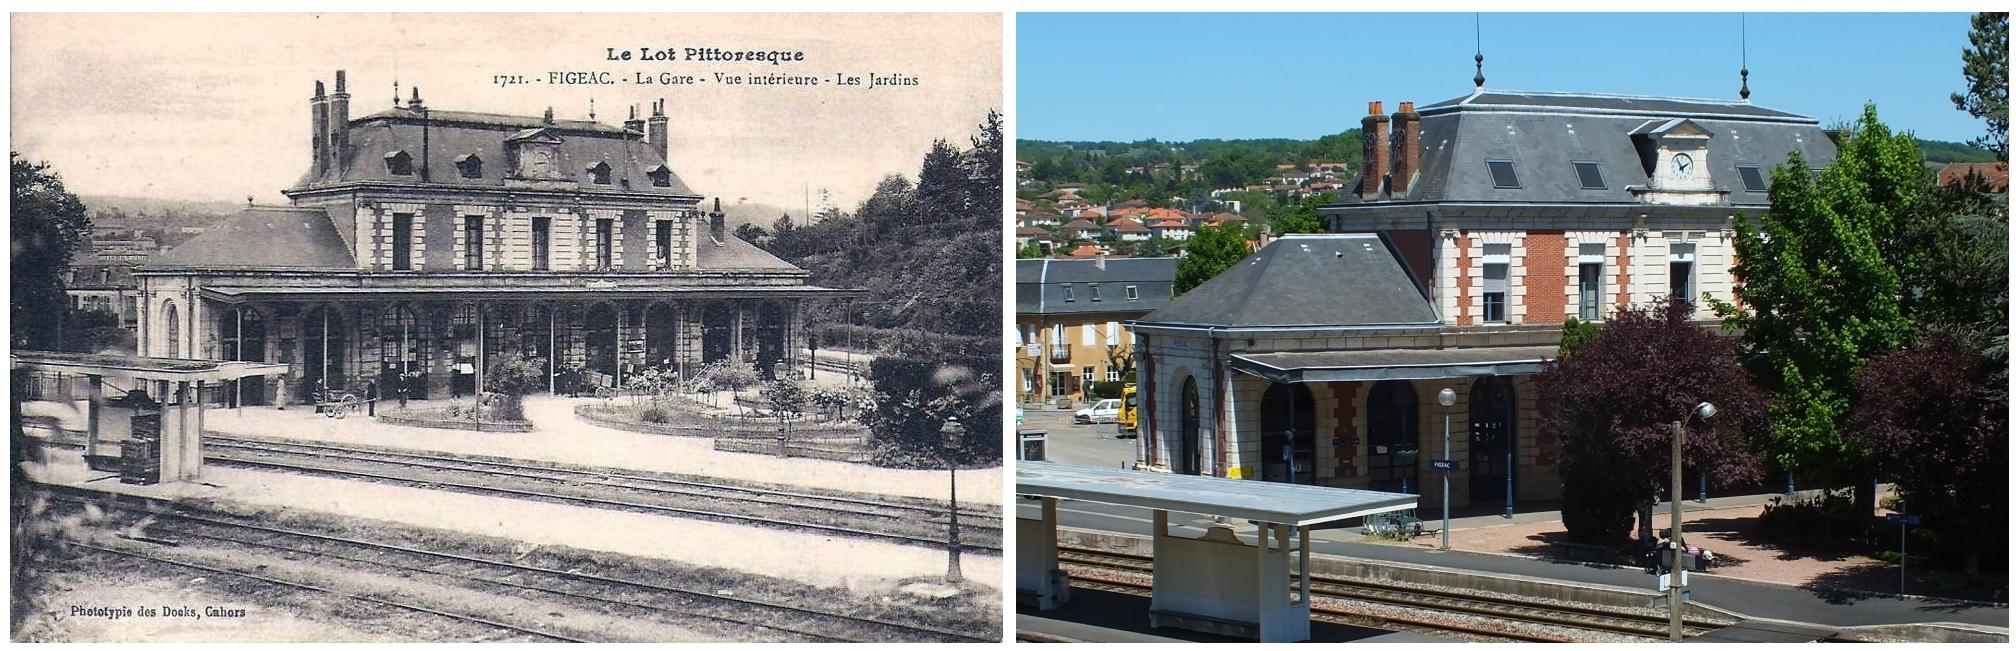 Gare ferroviaire de Figeac dans le Lot - Vue Sud-Ouest - LOT'refois - CPA début XXe - Photo 2013